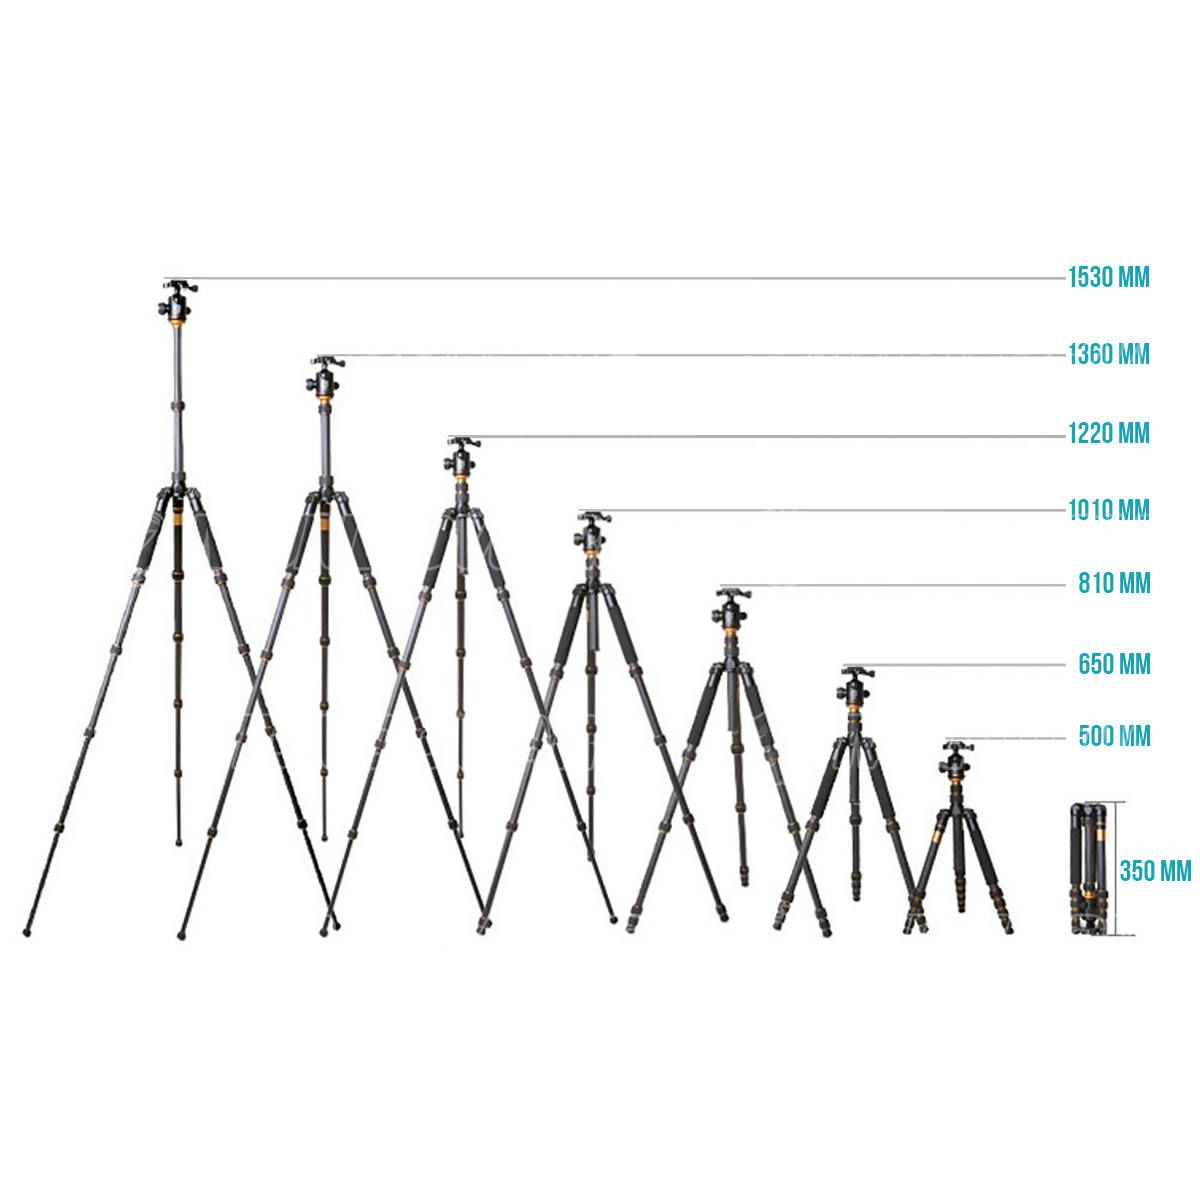 Tripé Profissional em Alumínio até 160cm de Altura 5 Posições de Regulagem Suporta até 10kg com Bolsa Exbom X600